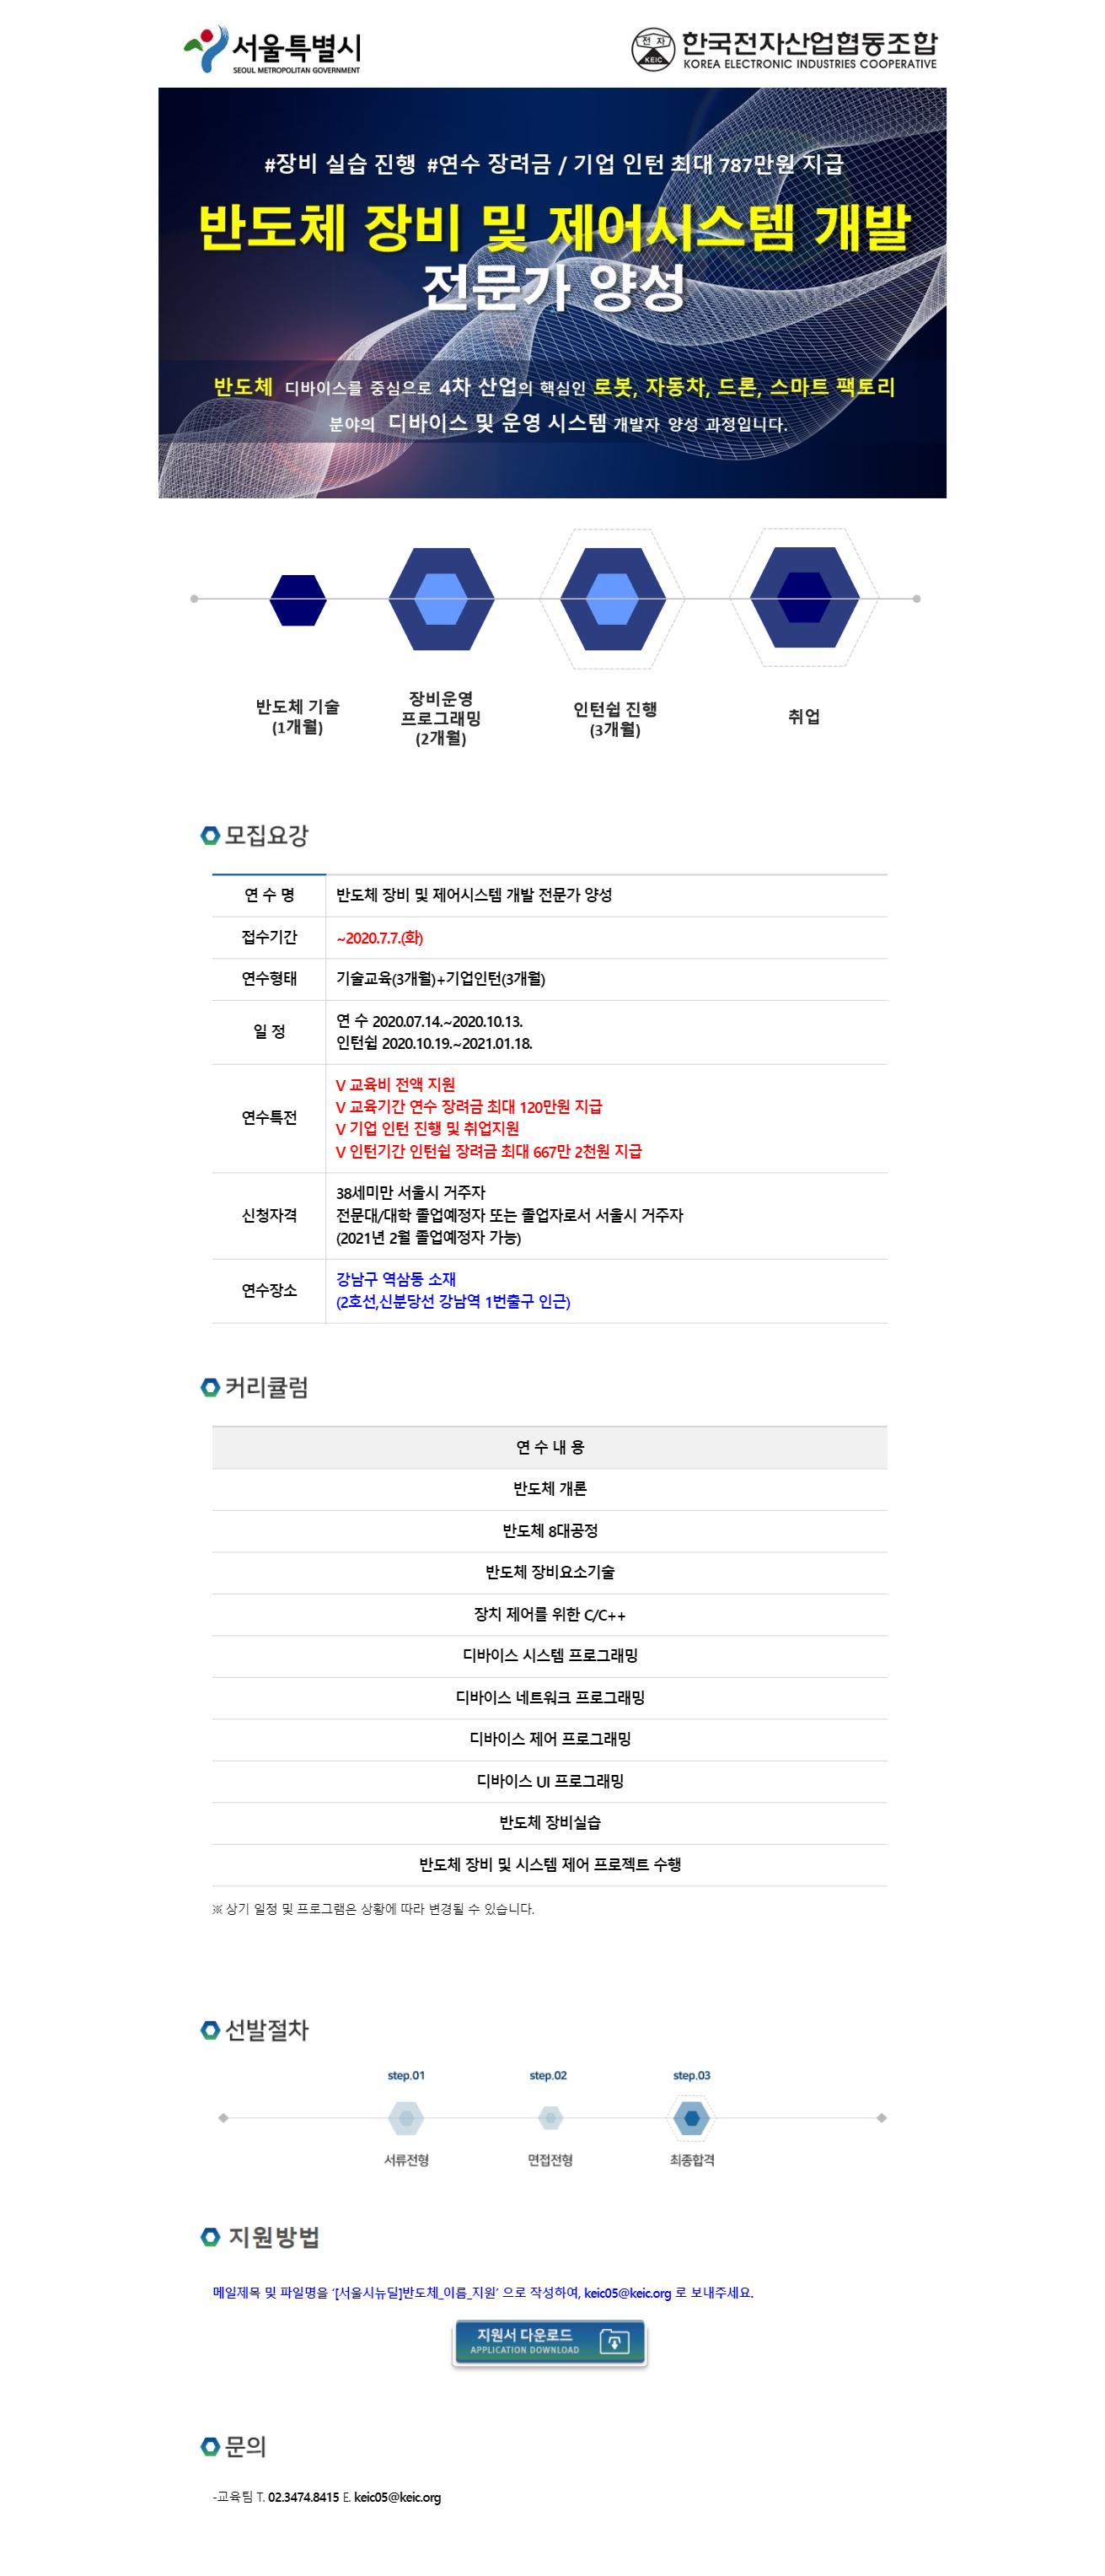 [서울시국비] 반도체 장비 및 제어시스템 개발 전문가 양성과정